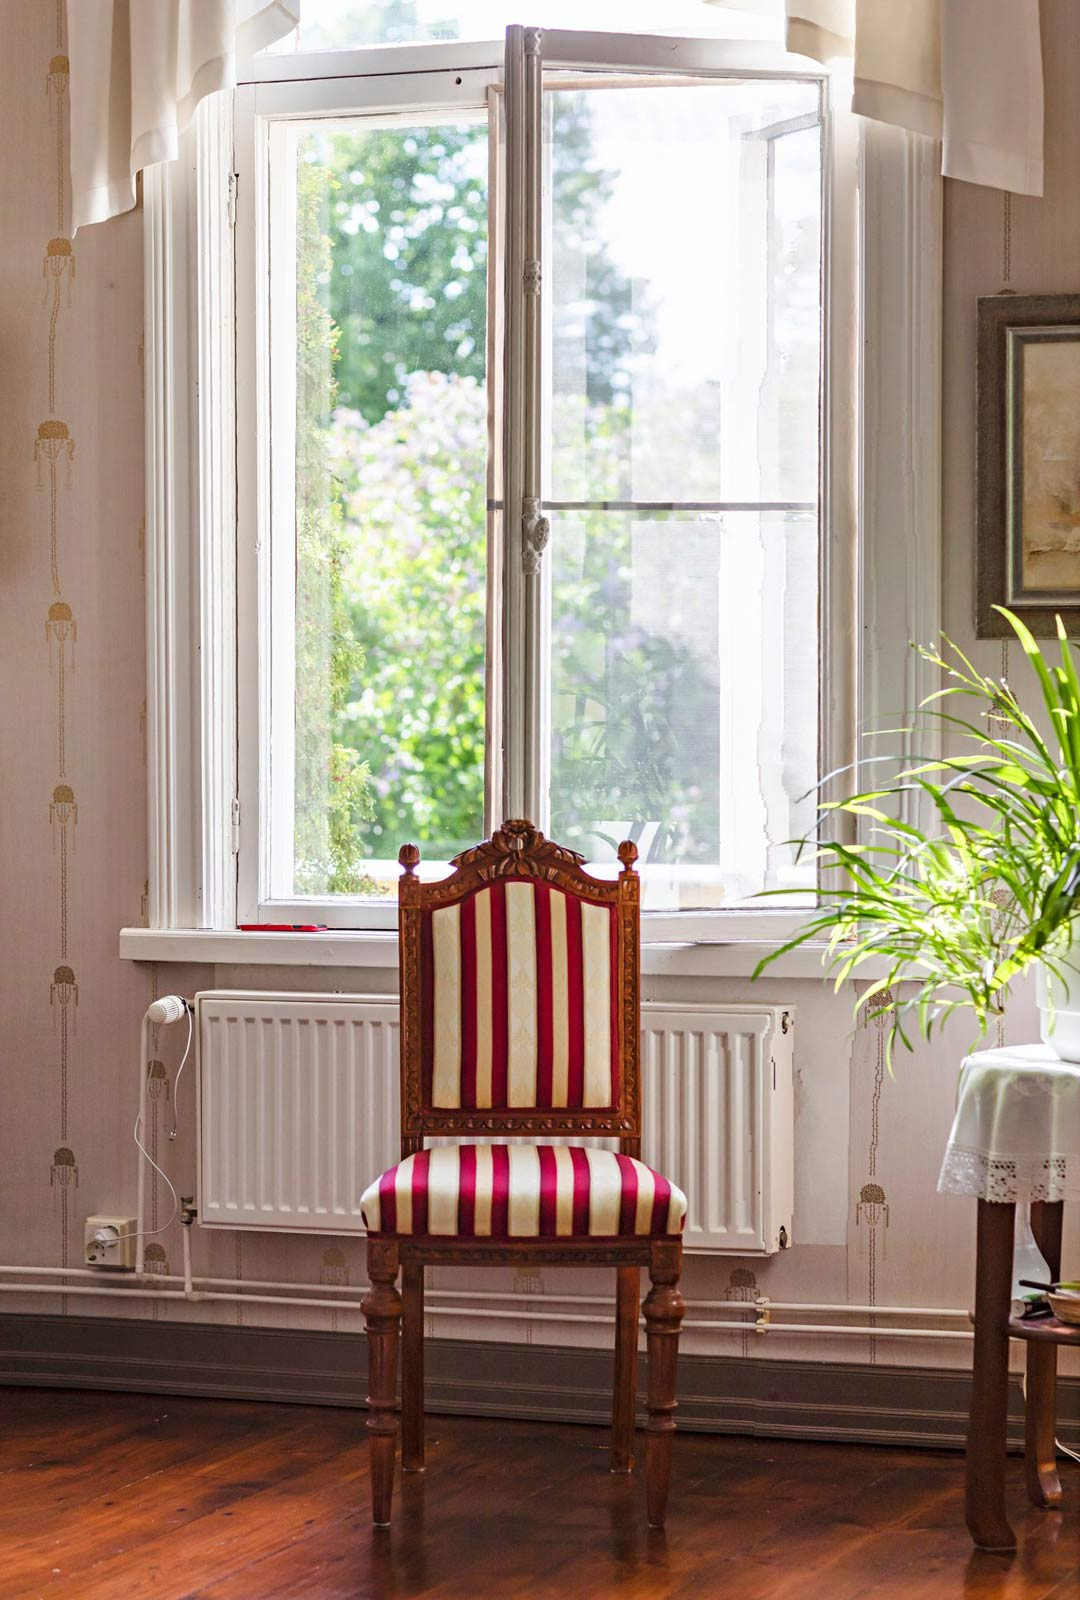 Tuoli on alunperin 1800-luvulta. Se on Marjalle rakas muisto isoisästä, jolla oli ennen sotia pieni huonekaluliike Inkeroisissa.